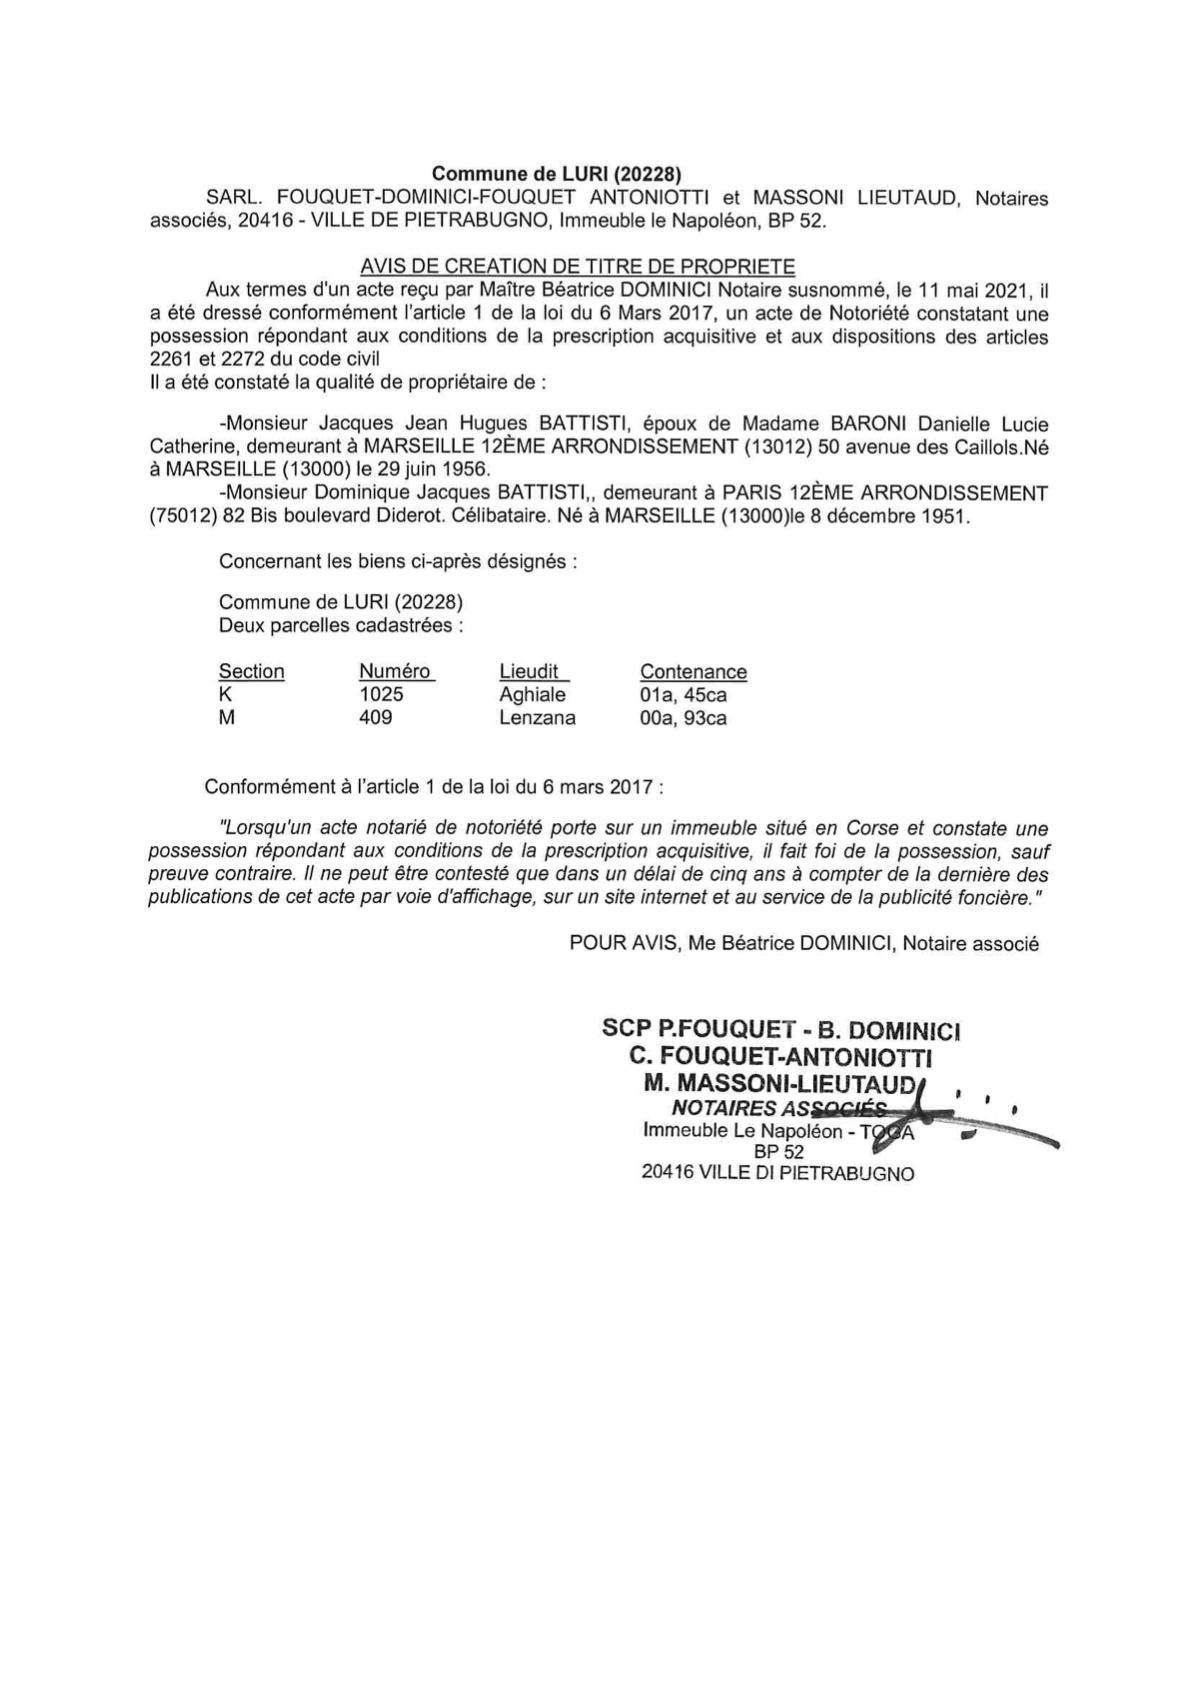 Avis de création de titre de propriété - Commune de Luri (Haute-Corse)